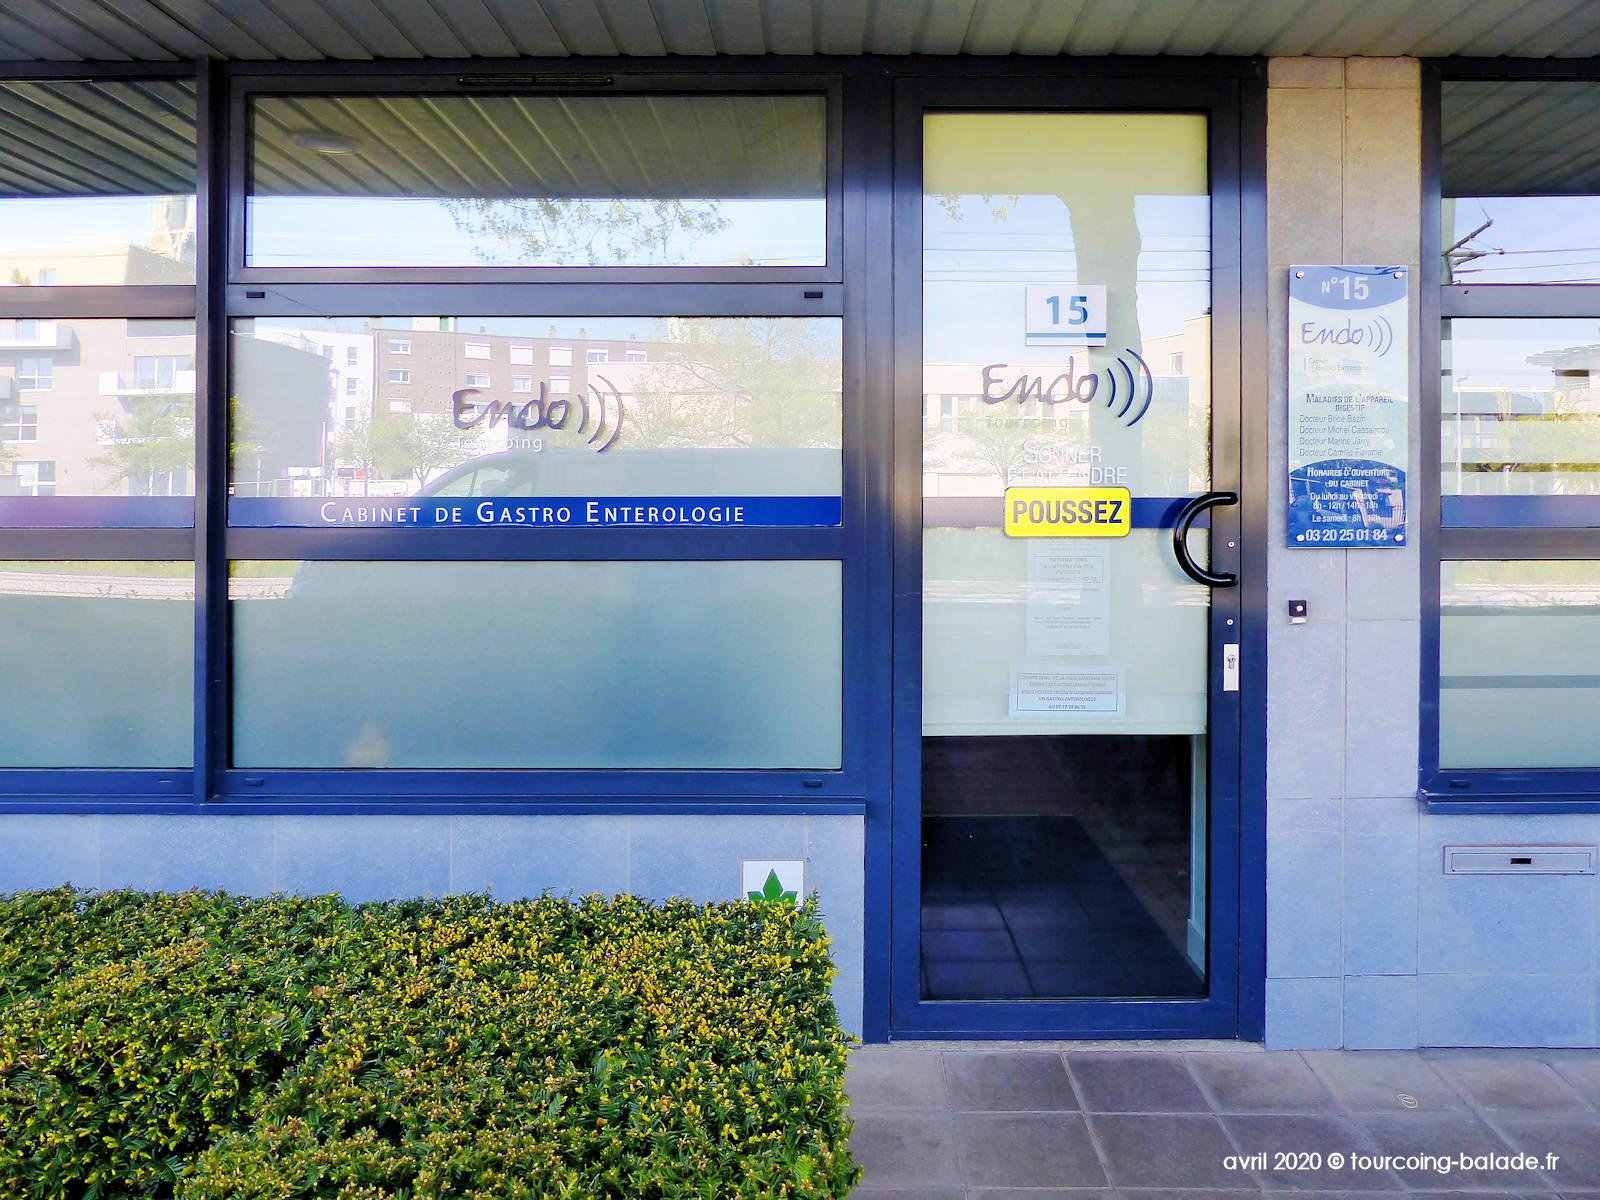 Cabinet Gastro-Entérologie ENDO, Tourcoing 2020